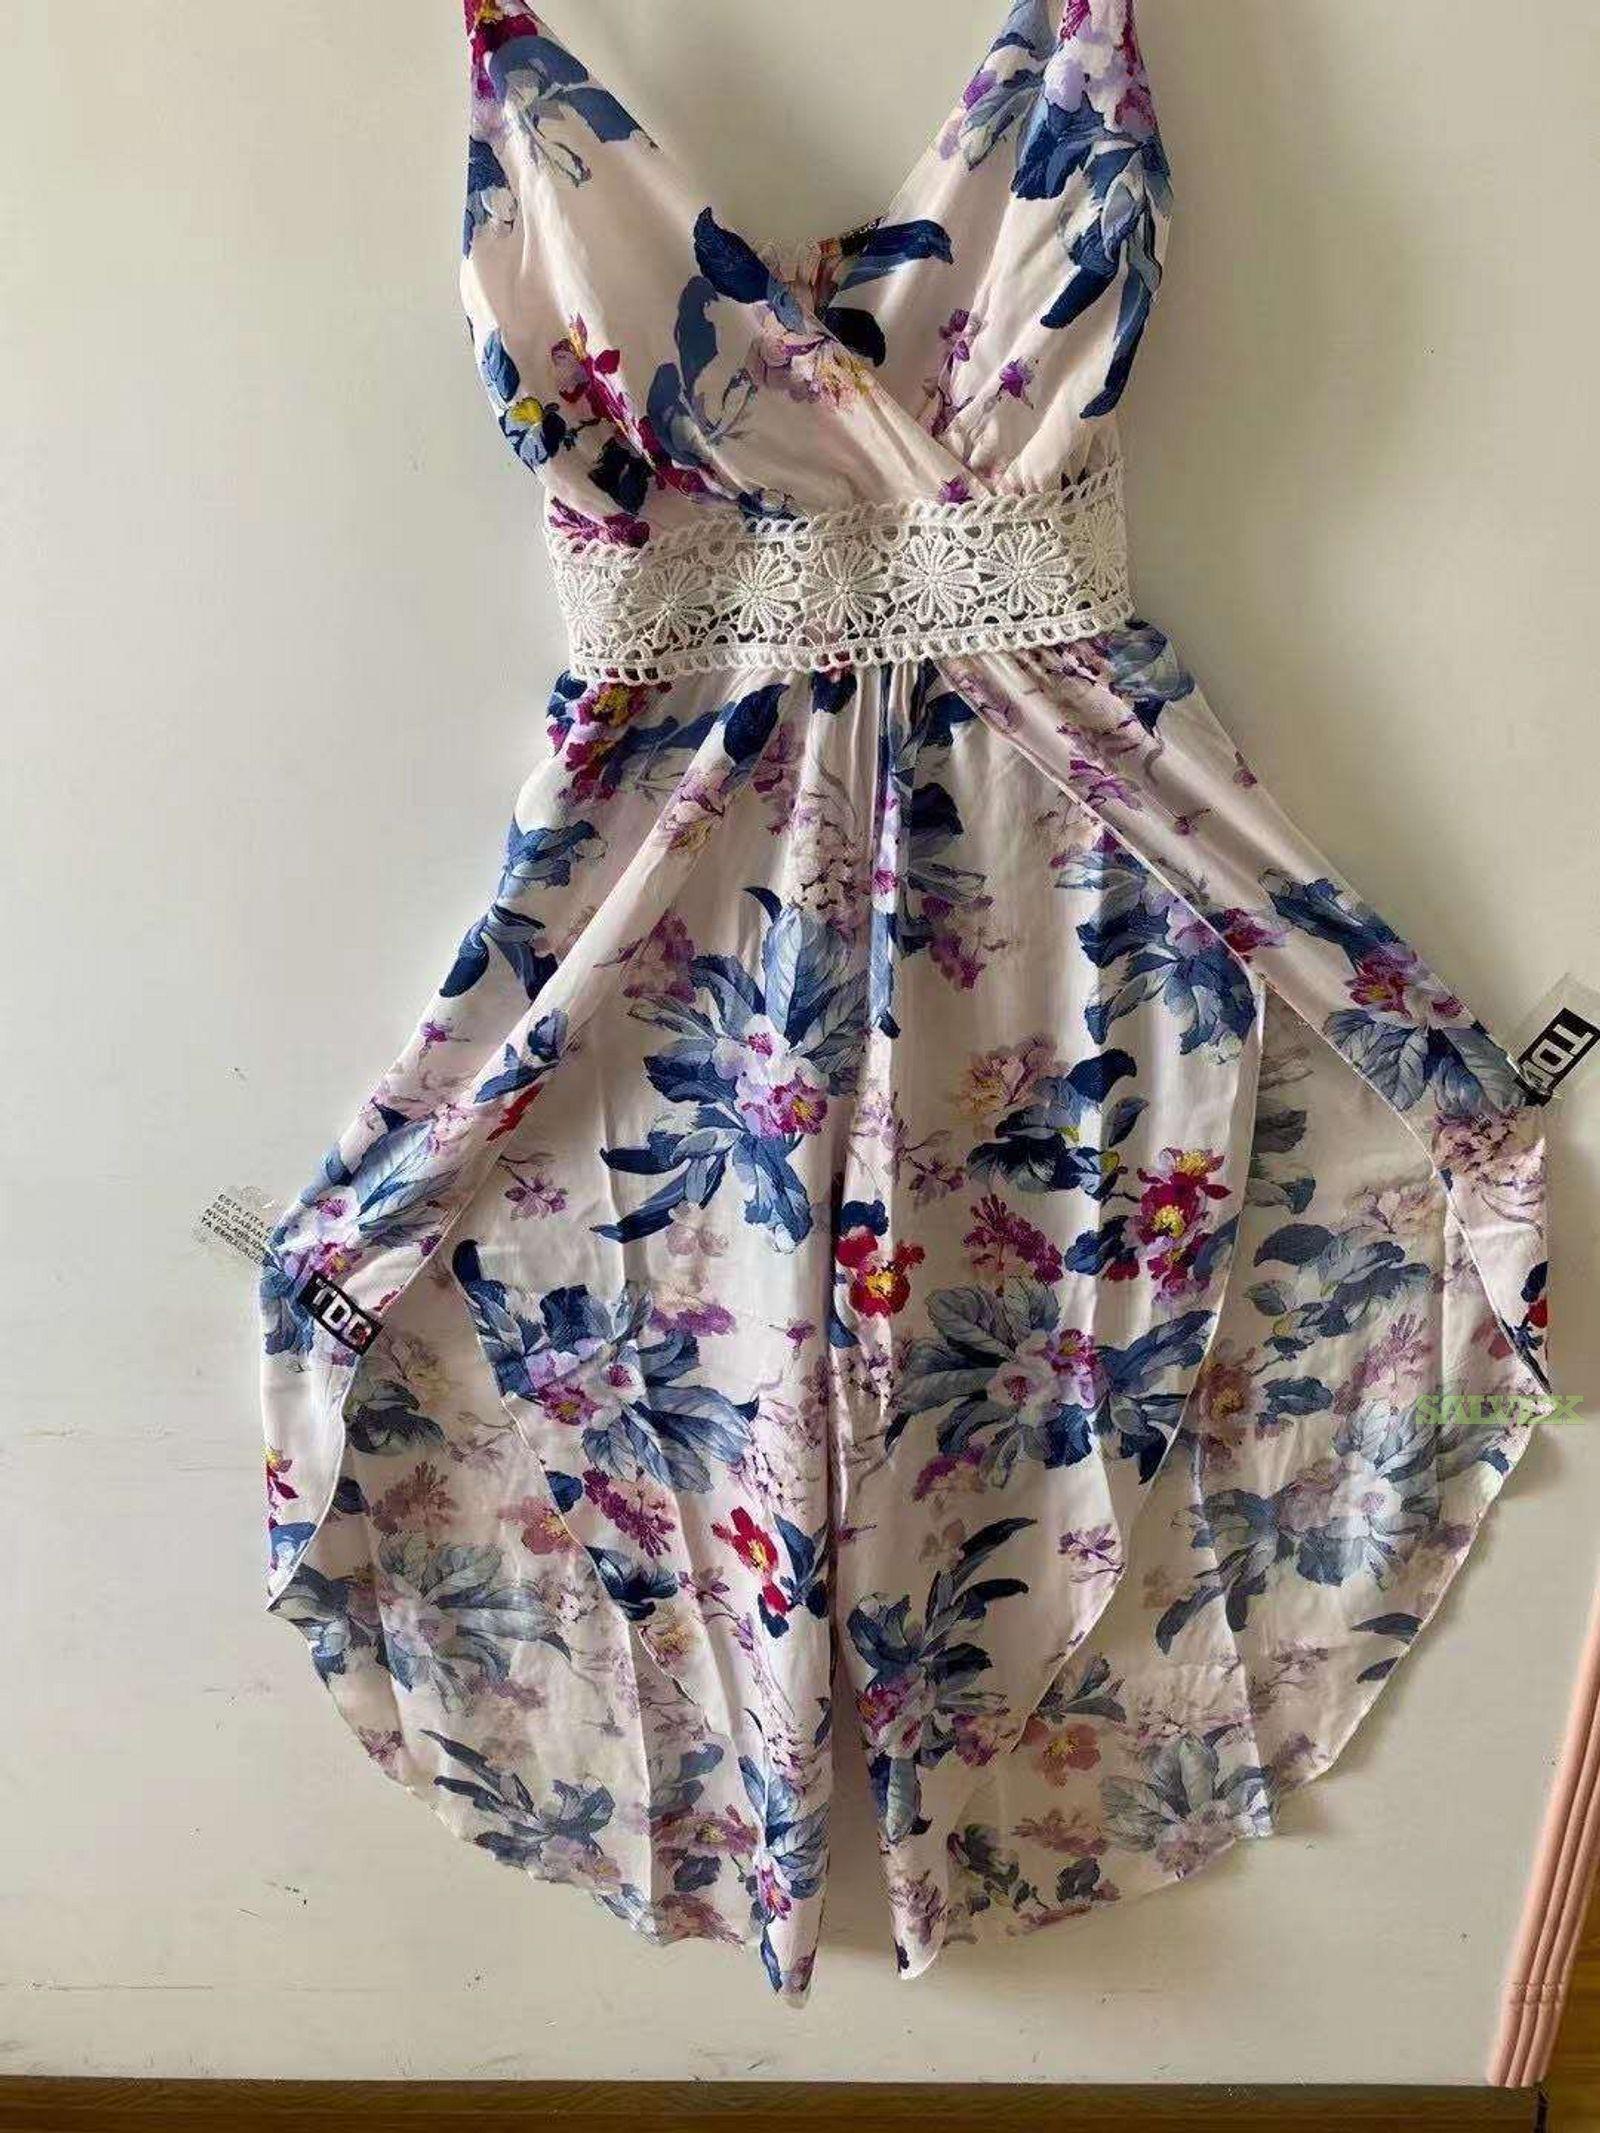 Ladies Floral Jumpsuits (10,740 Pieces)